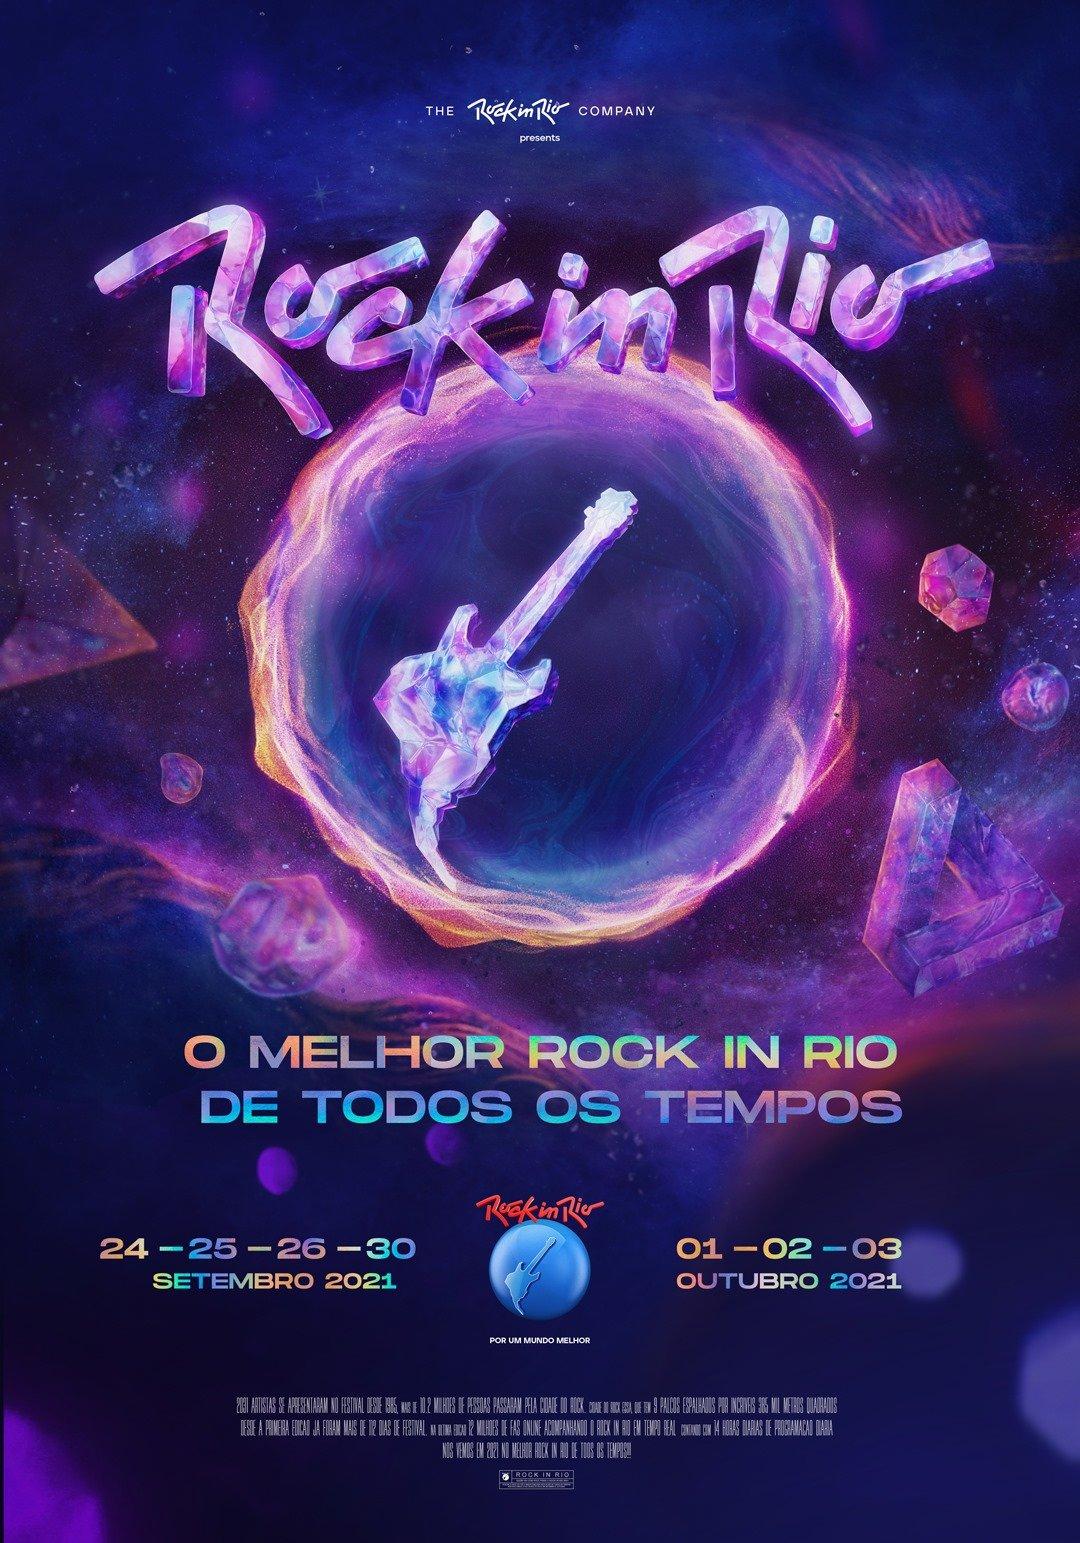 Rock in Rio 2021: bandas confirmadas e programação completa